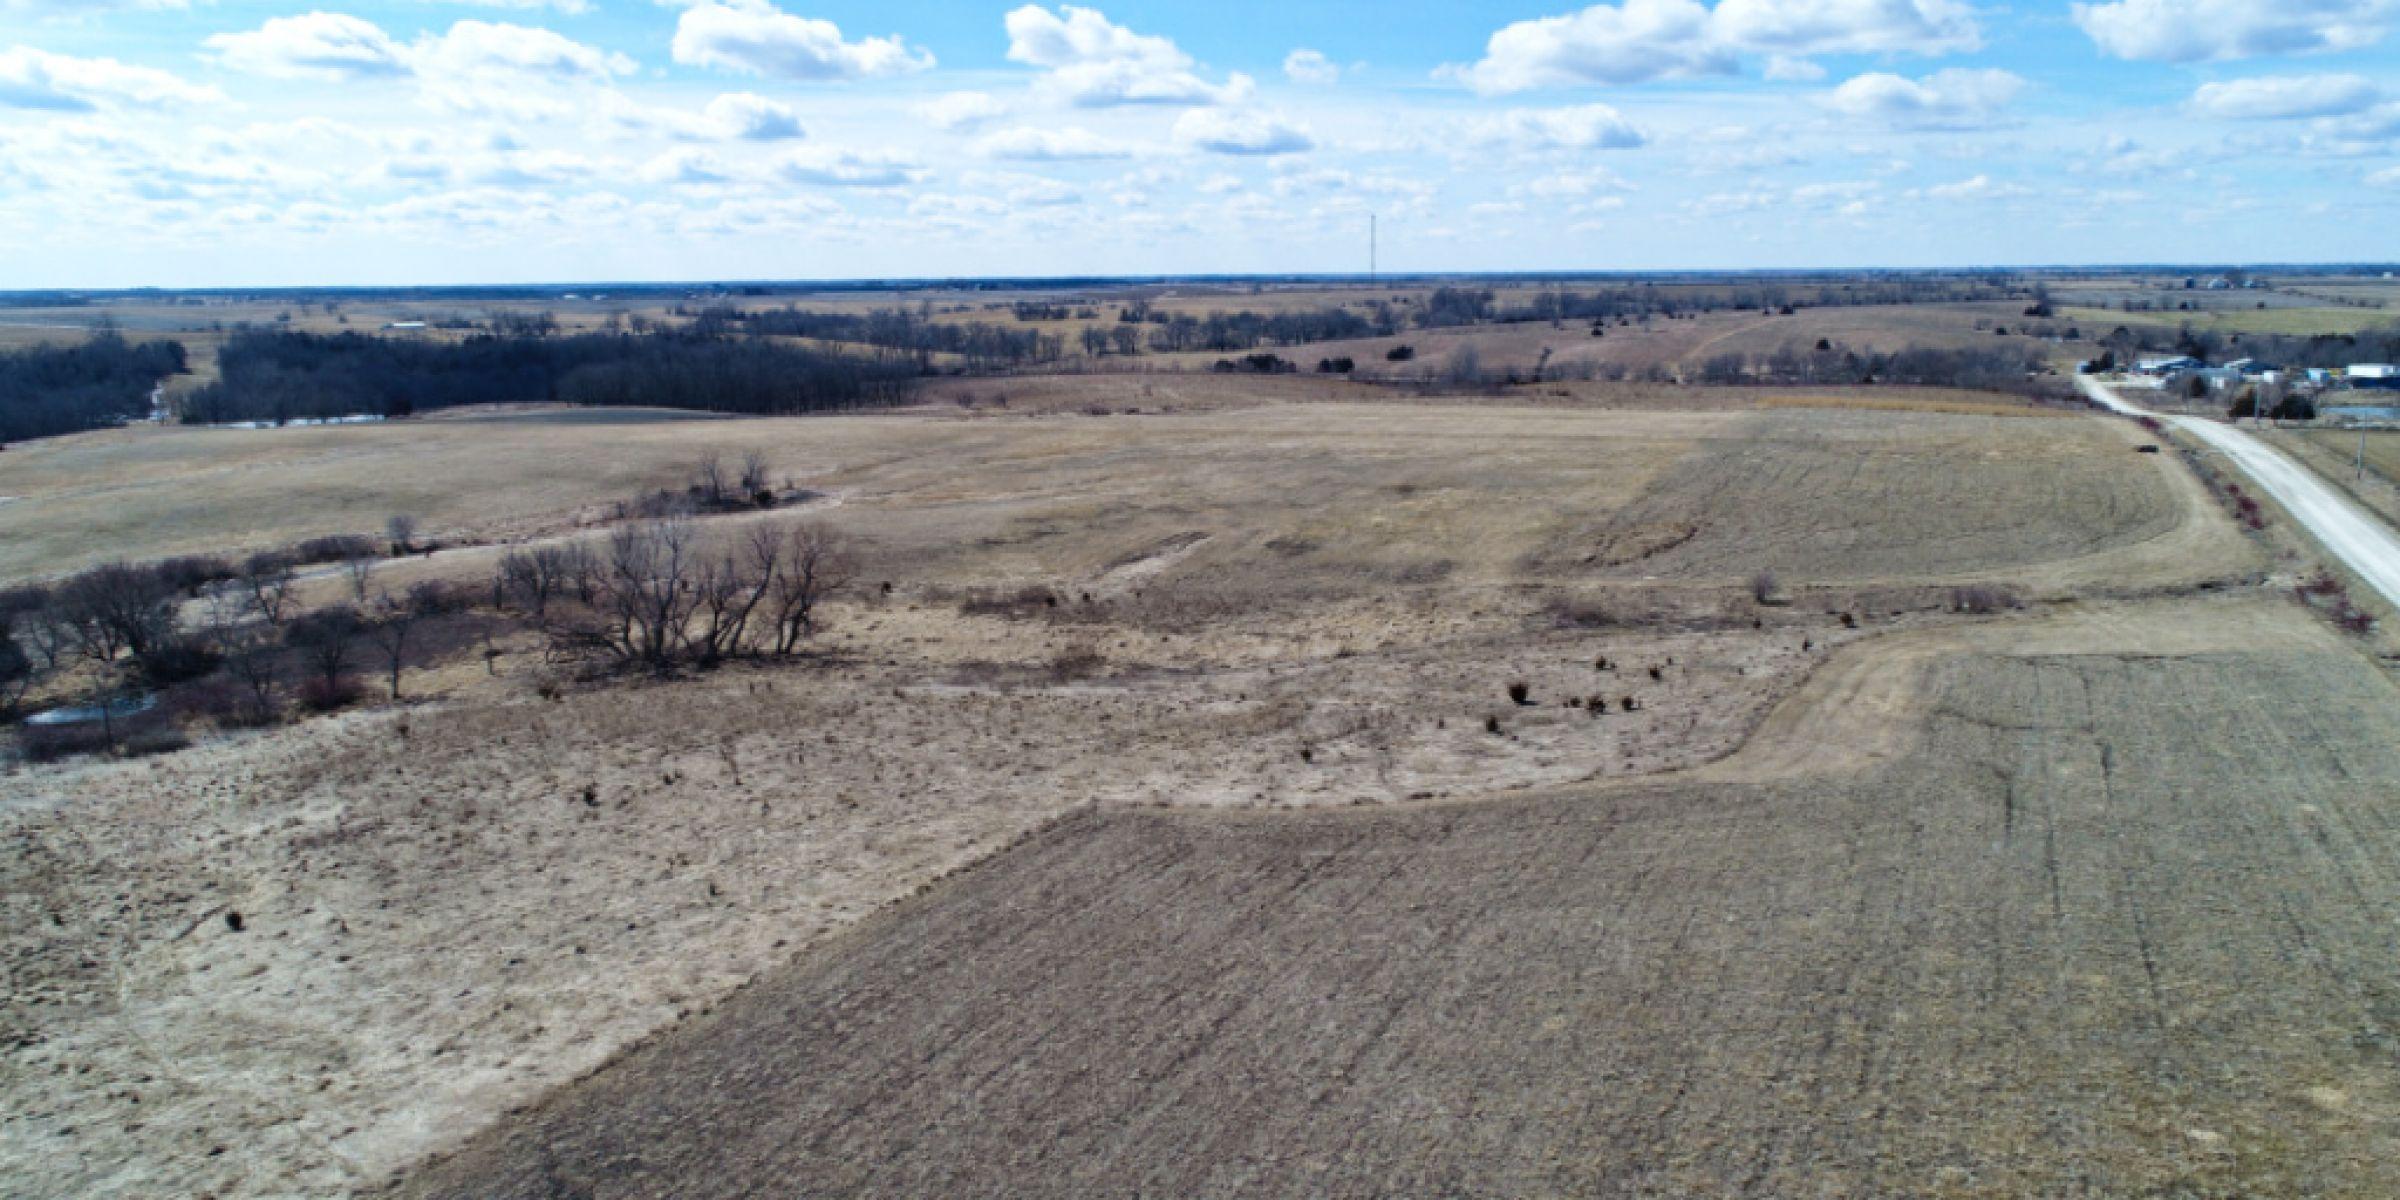 14498-80-acres-clarke-county-iowa-2-2019-04-18-233519.jpg